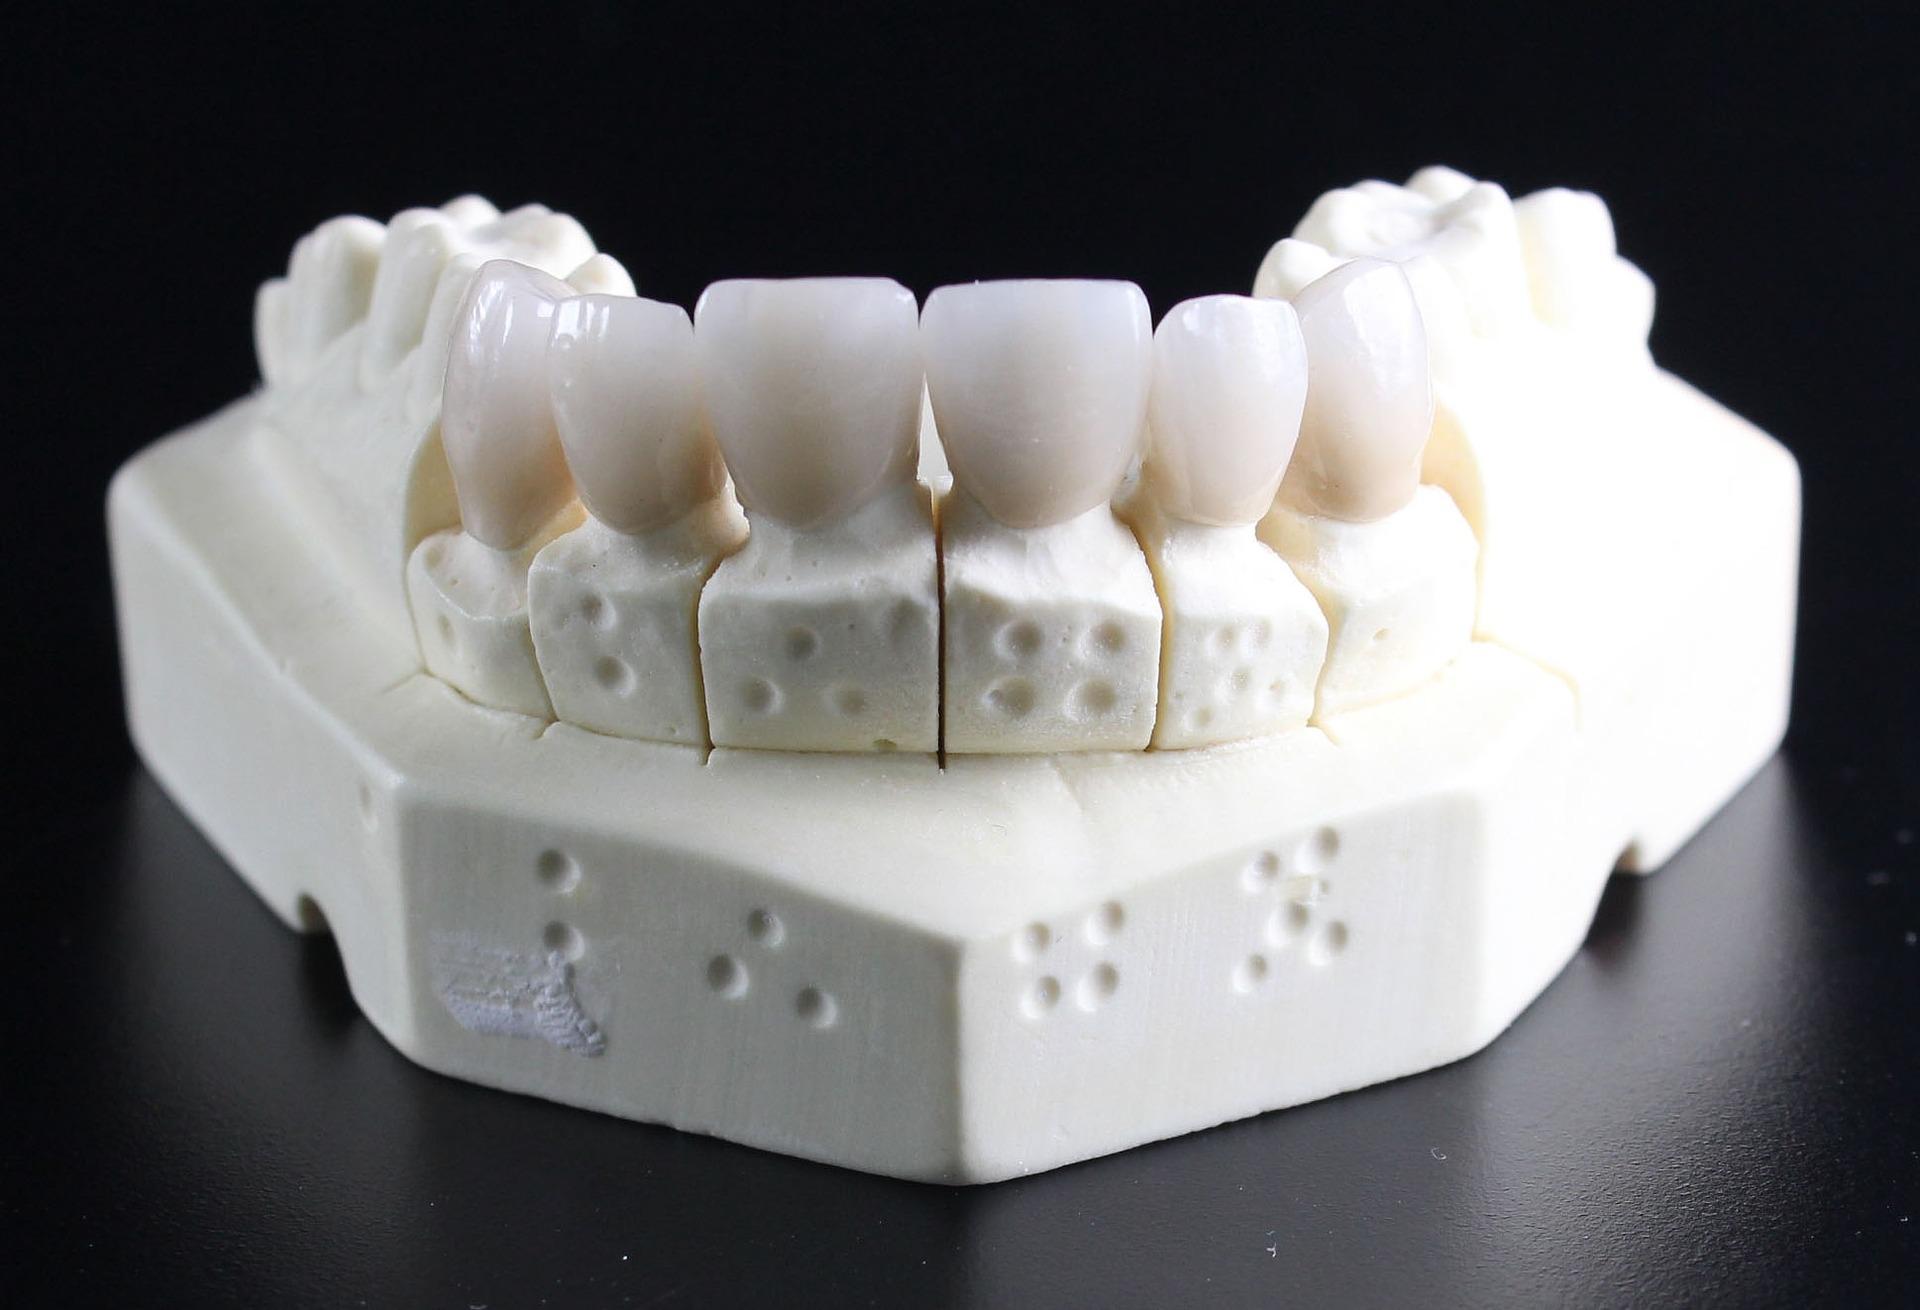 減り続ける歯科技工士。未来の歯科治療で起こる問題とは?